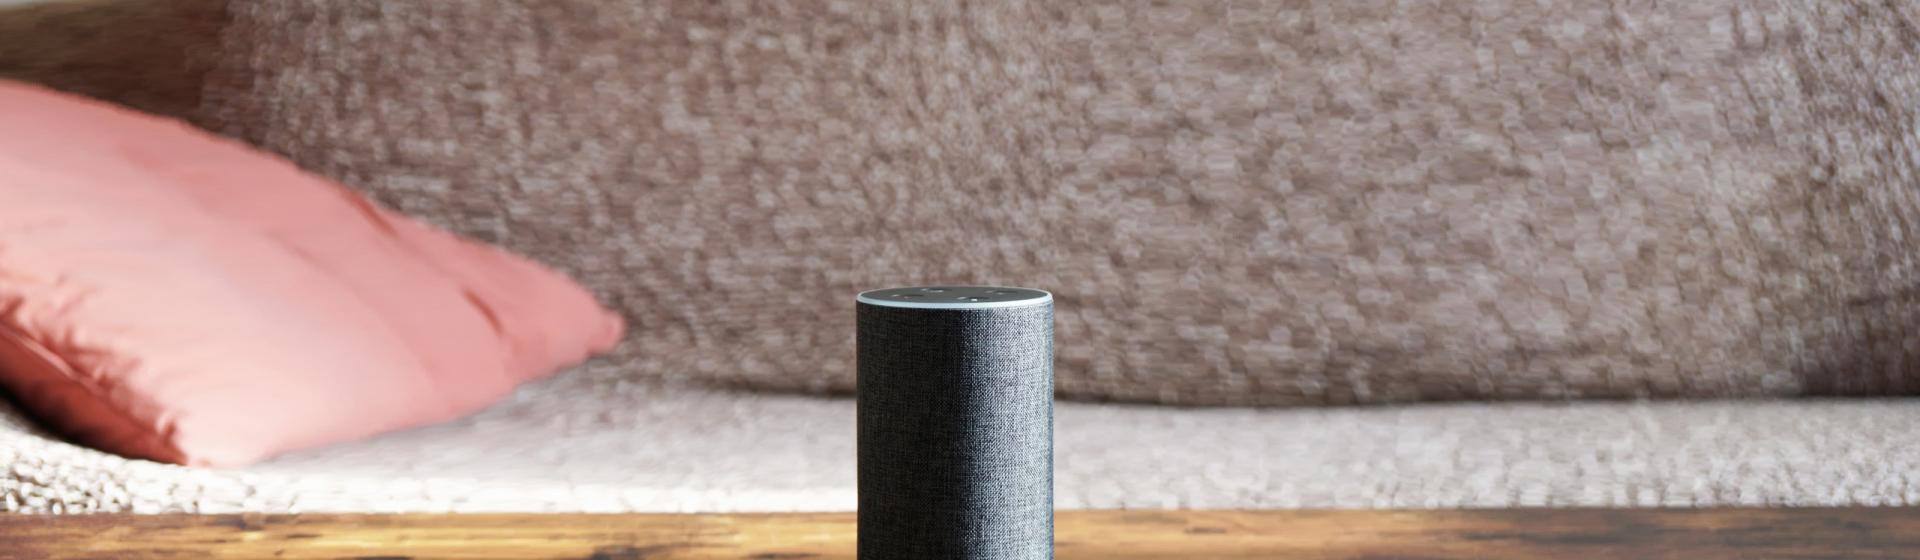 Amazon Echo auf Wohnzimmertisch